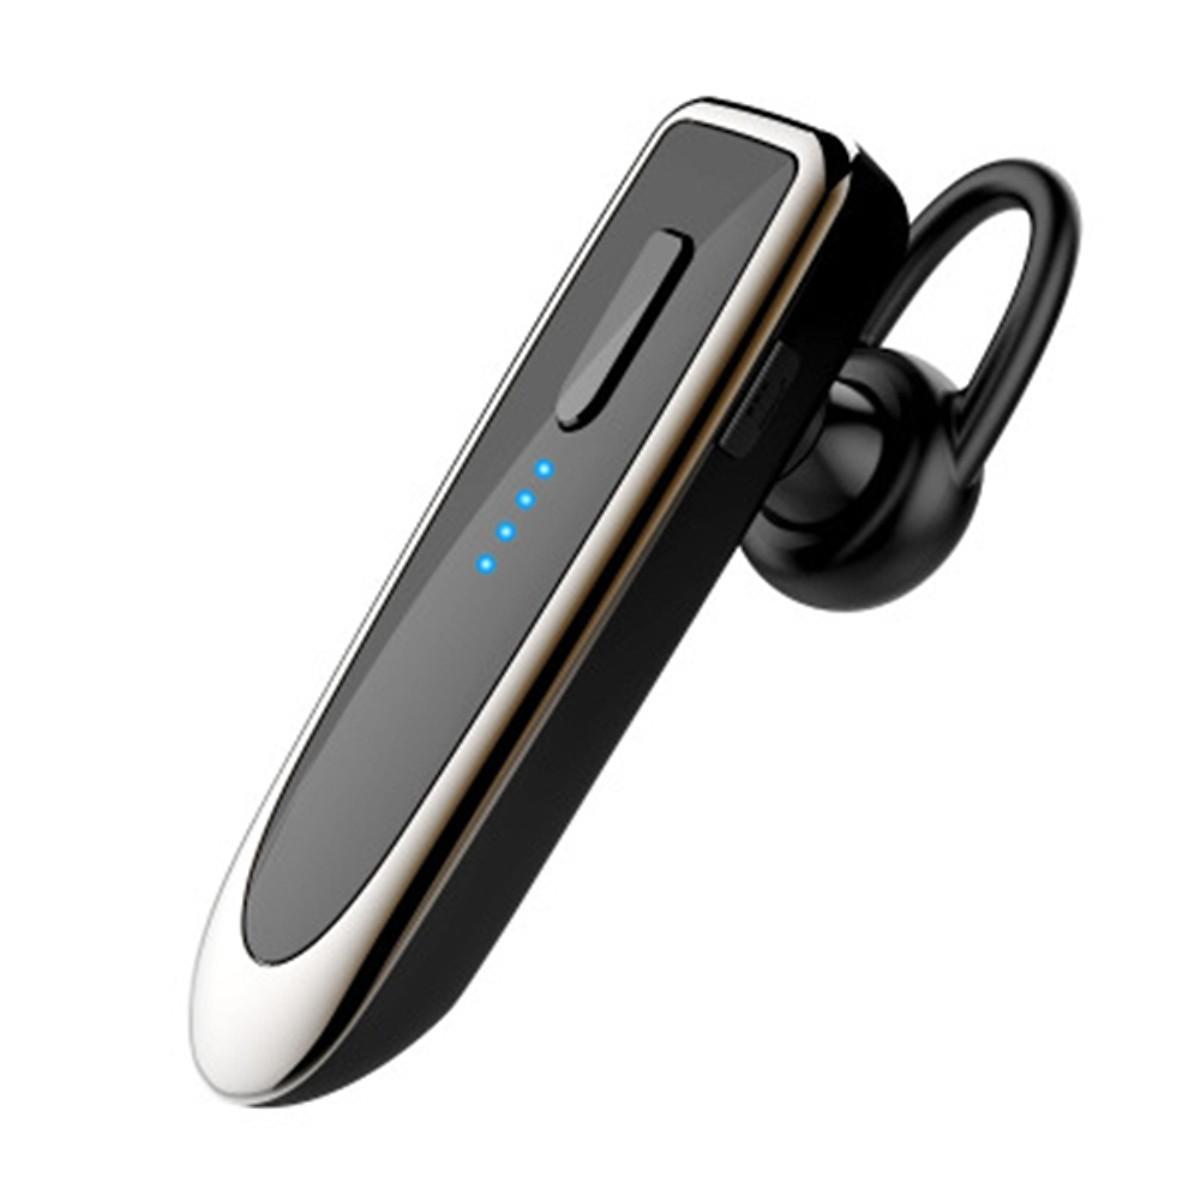 Tai Nghe Bluetooth không dây K23 - Tai Nghe Đàm Thoại Một Bên + Tặng Tai Nghe Để Nghe Hai Bên